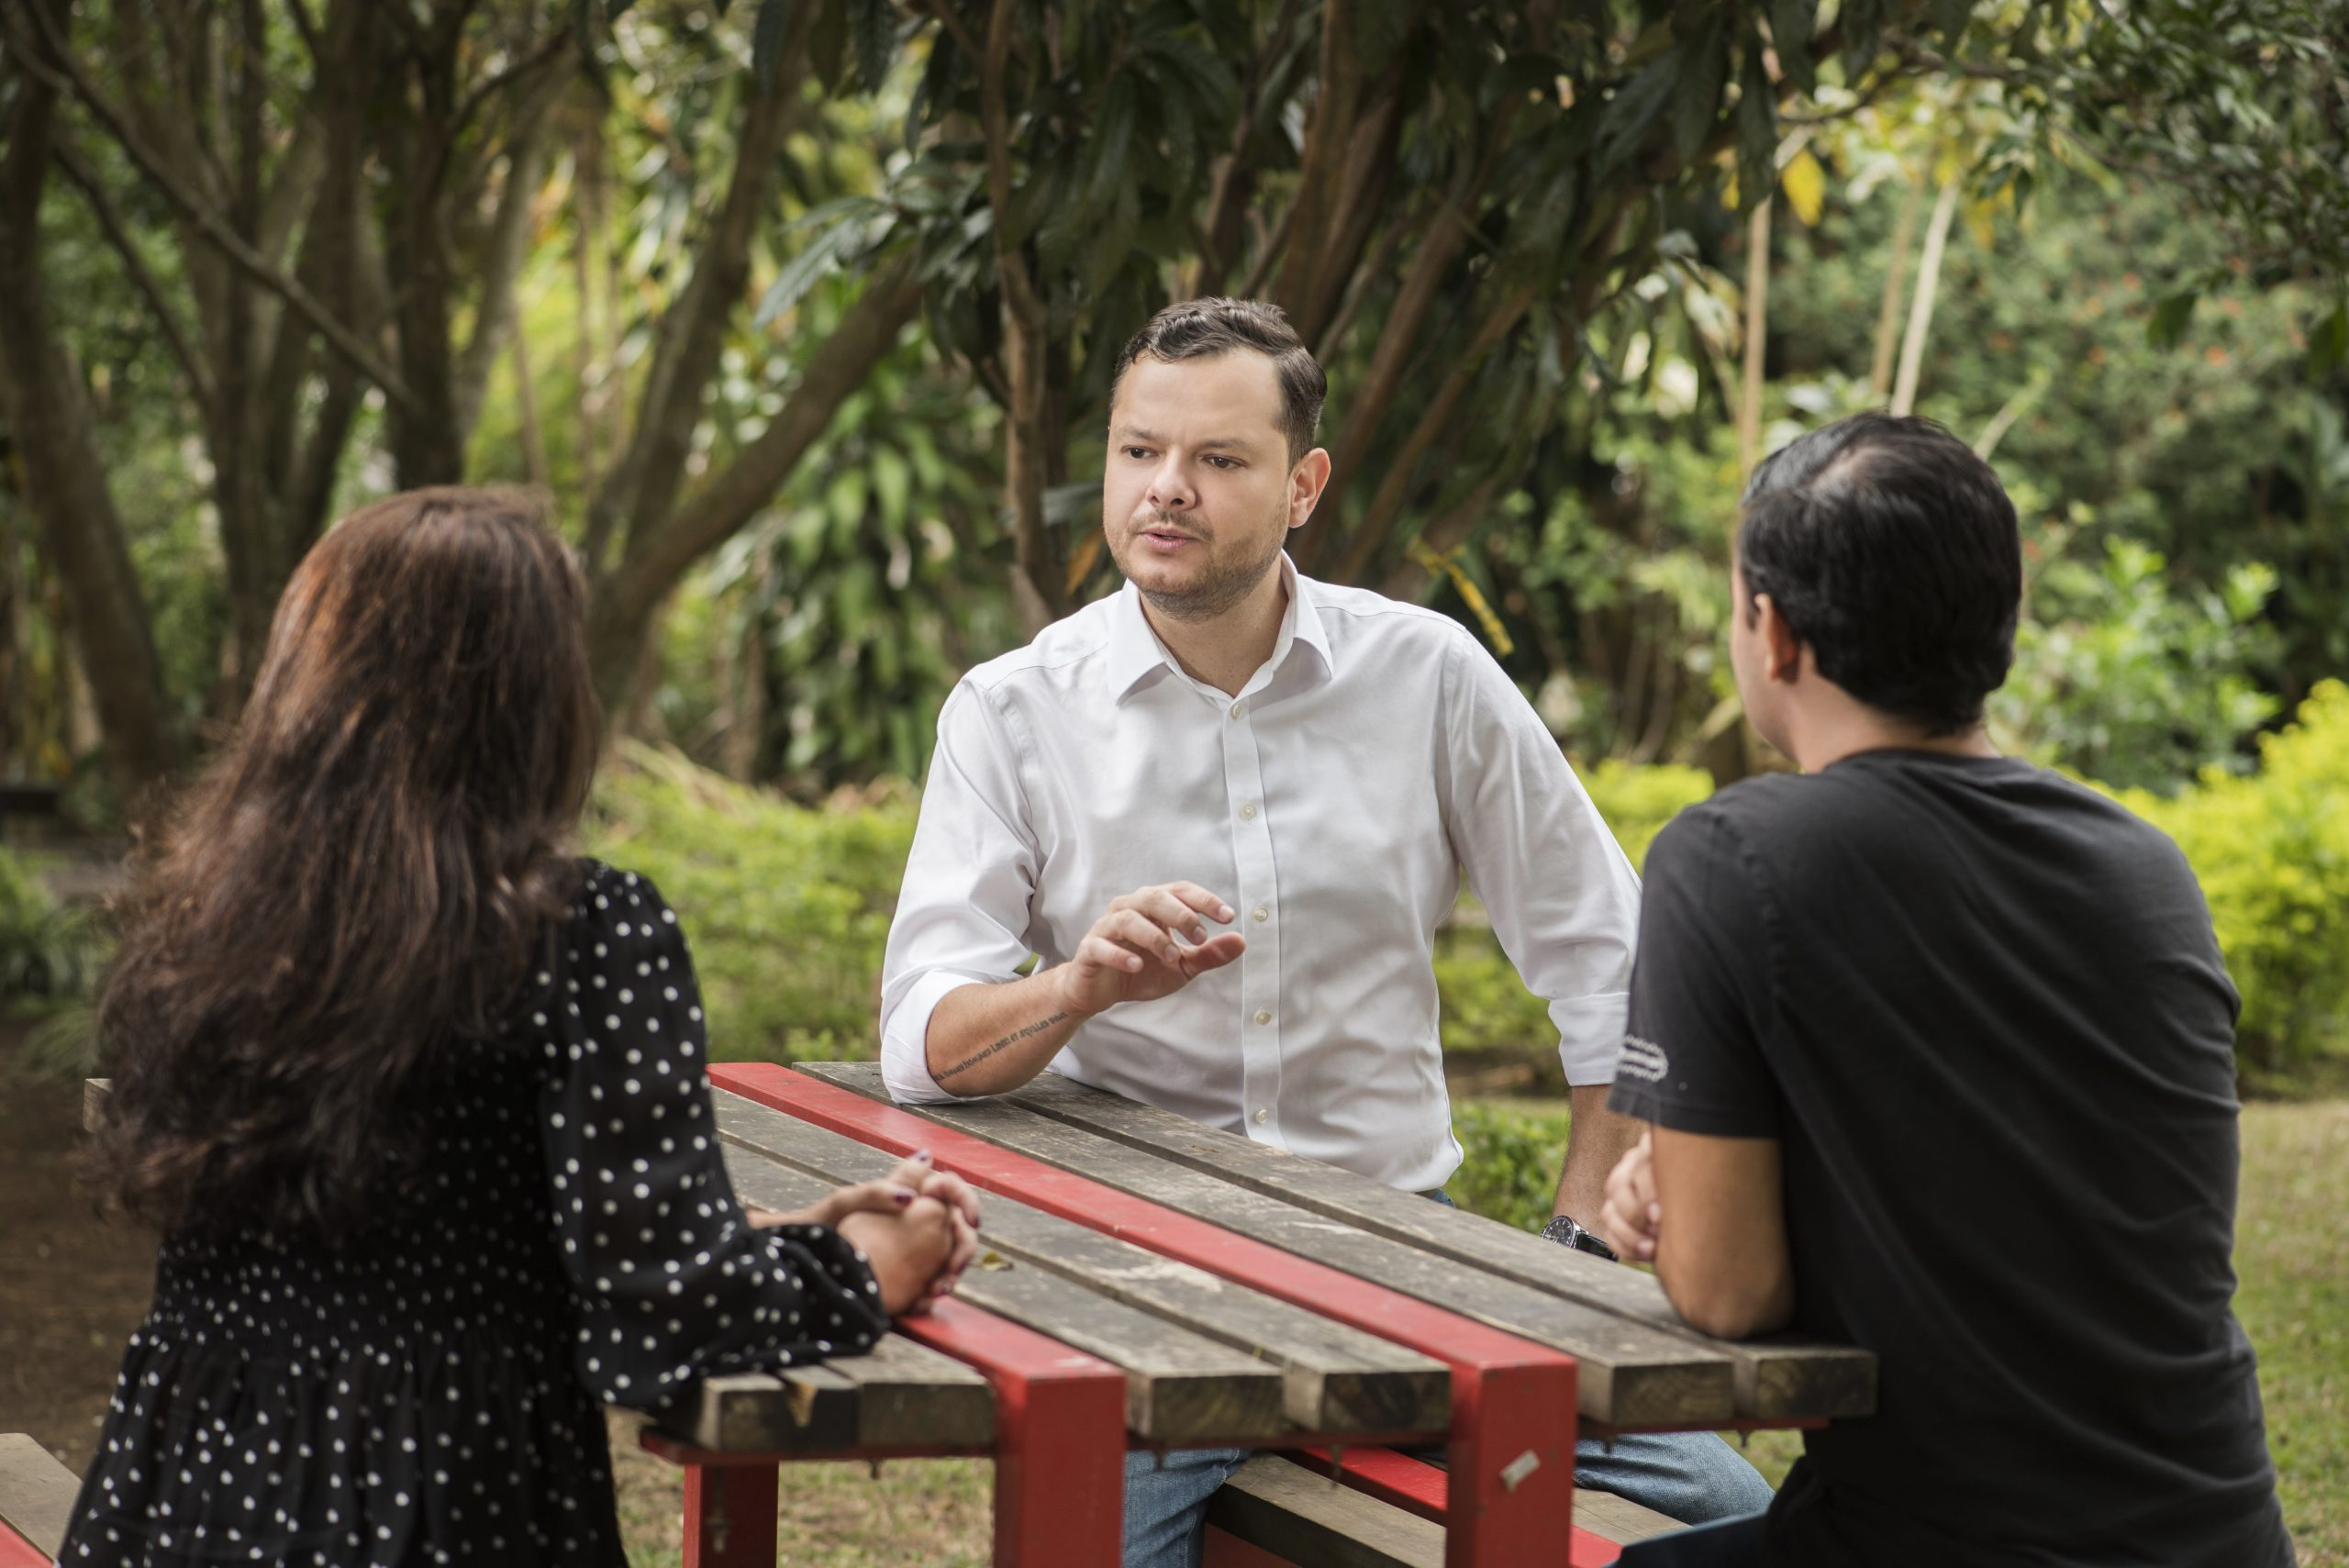 Foto de Juan Carlos hablando con personas en un parque